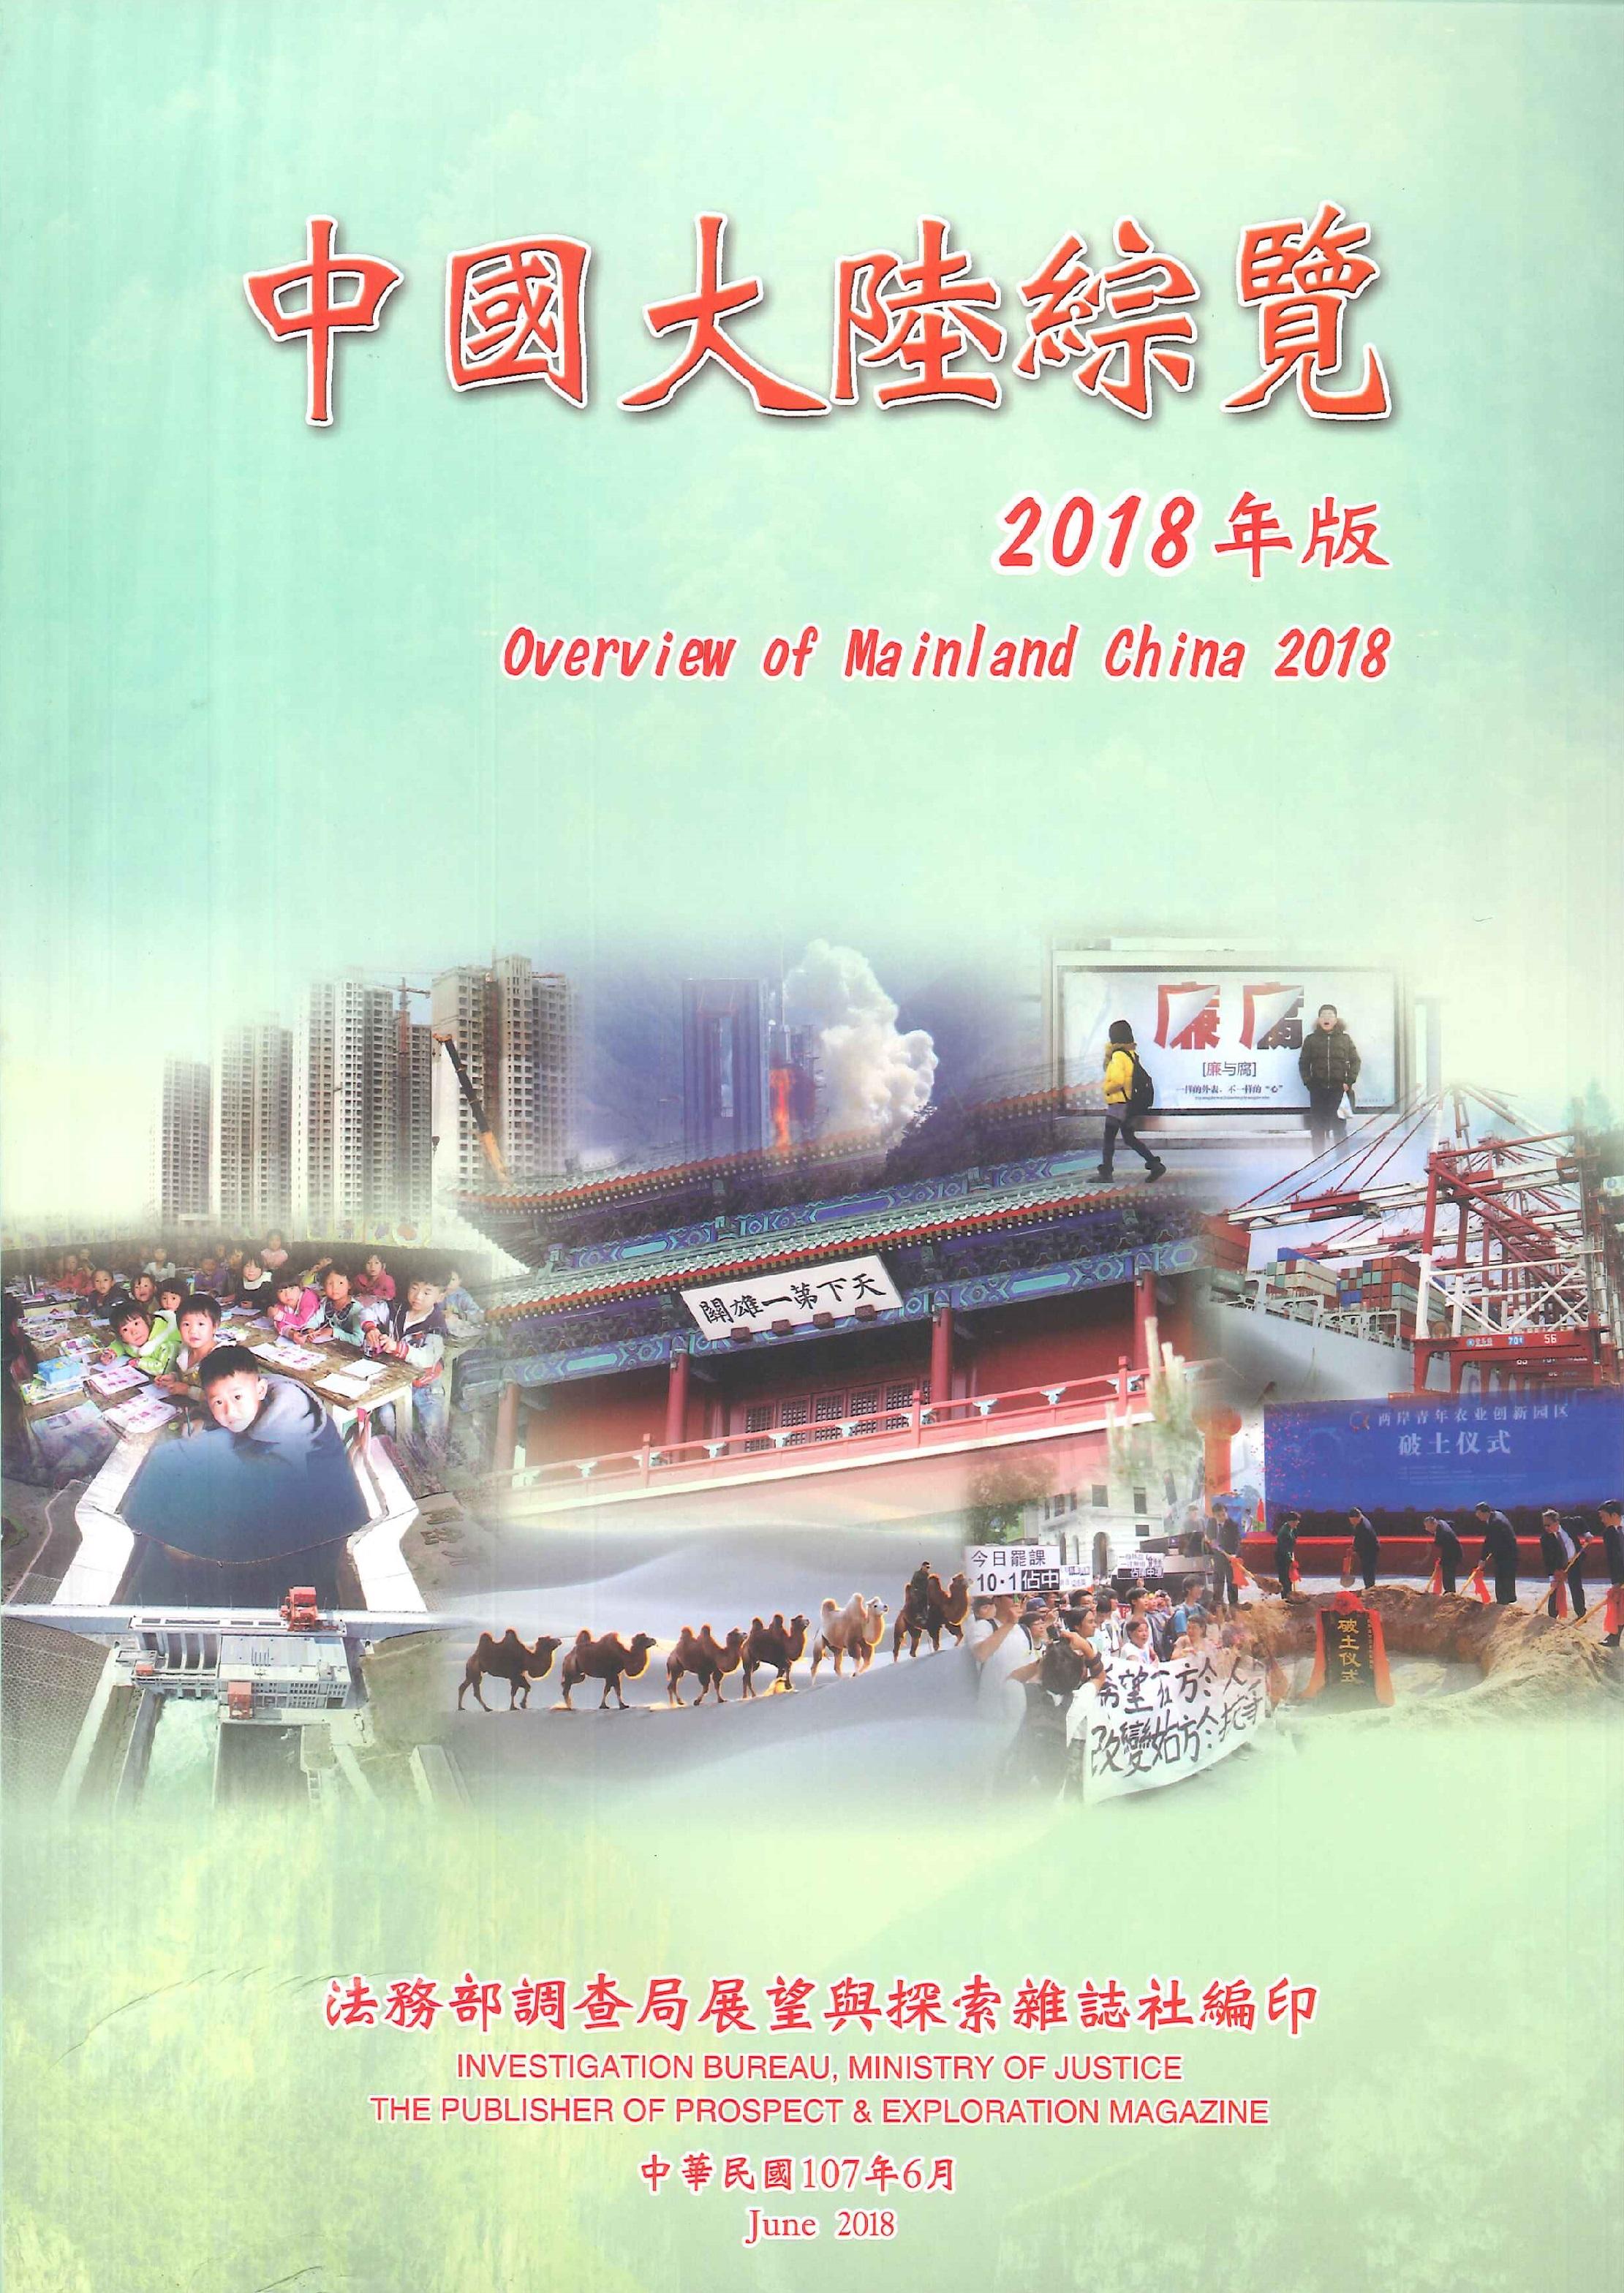 中國大陸綜覽